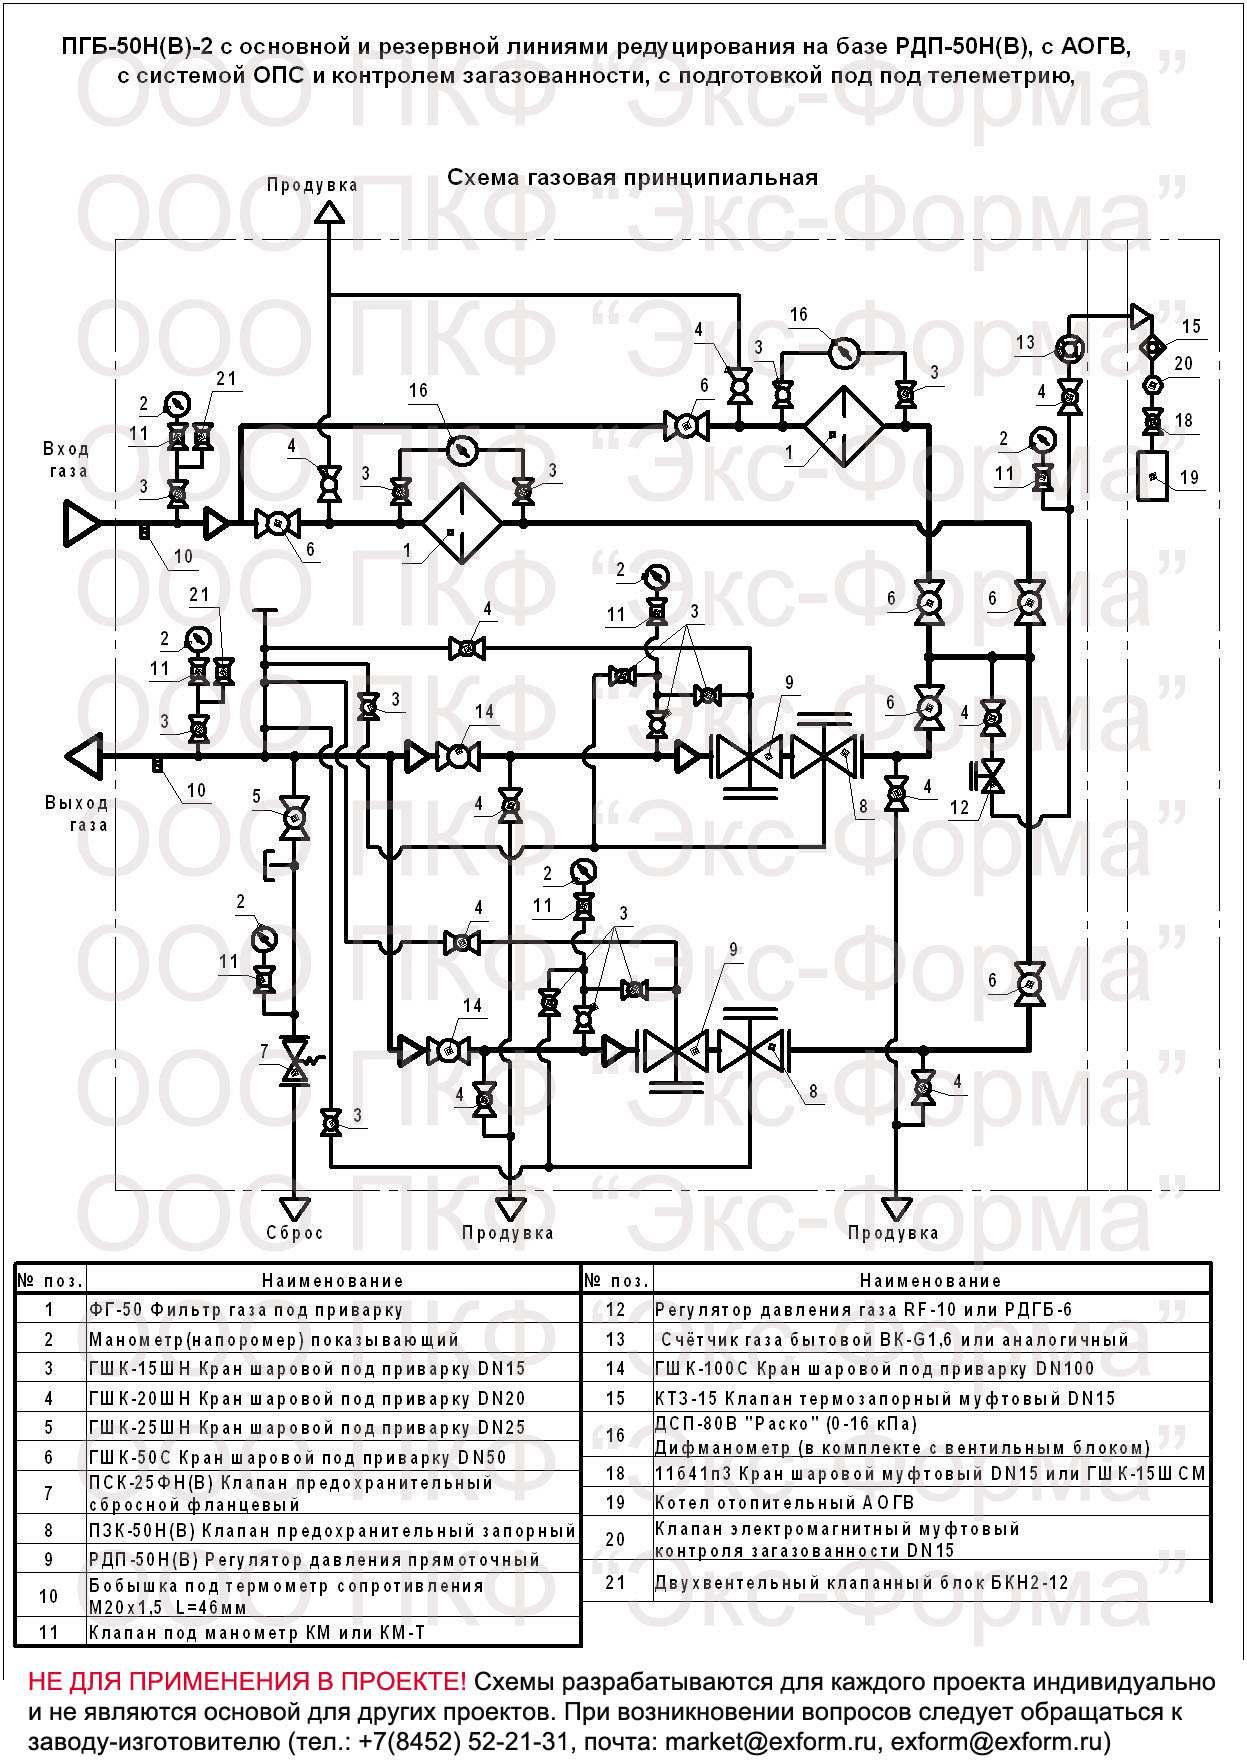 схема газовая ПГБ-50Н-2, ПГБ-50В-2 с АОГВ